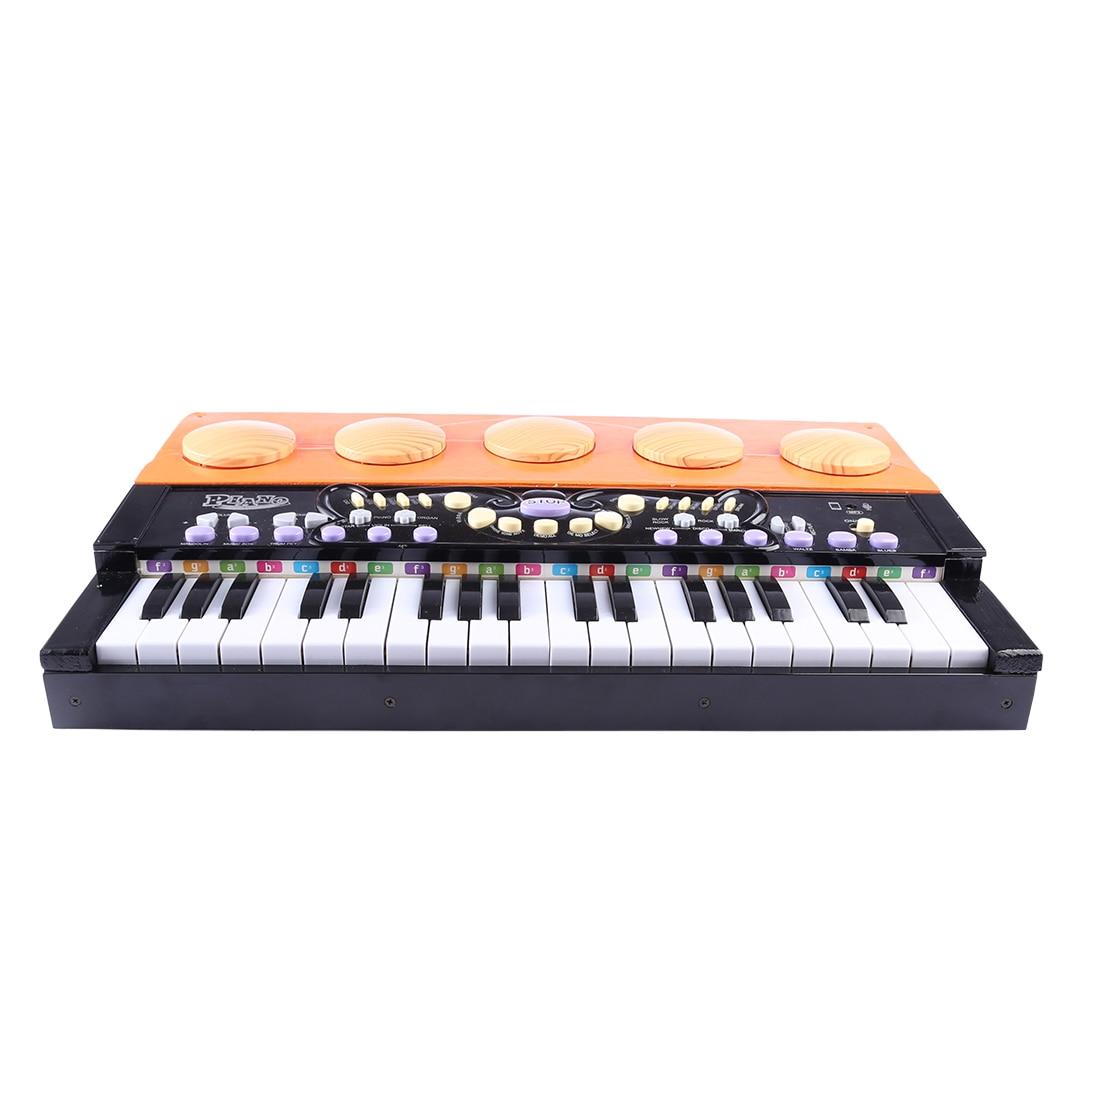 New Hot 37 Touches Jouet Musical Instrument Mini En Bois Vertical Piano Grand Instrument de musique pour Enfants Musique Ancienne L'éducation